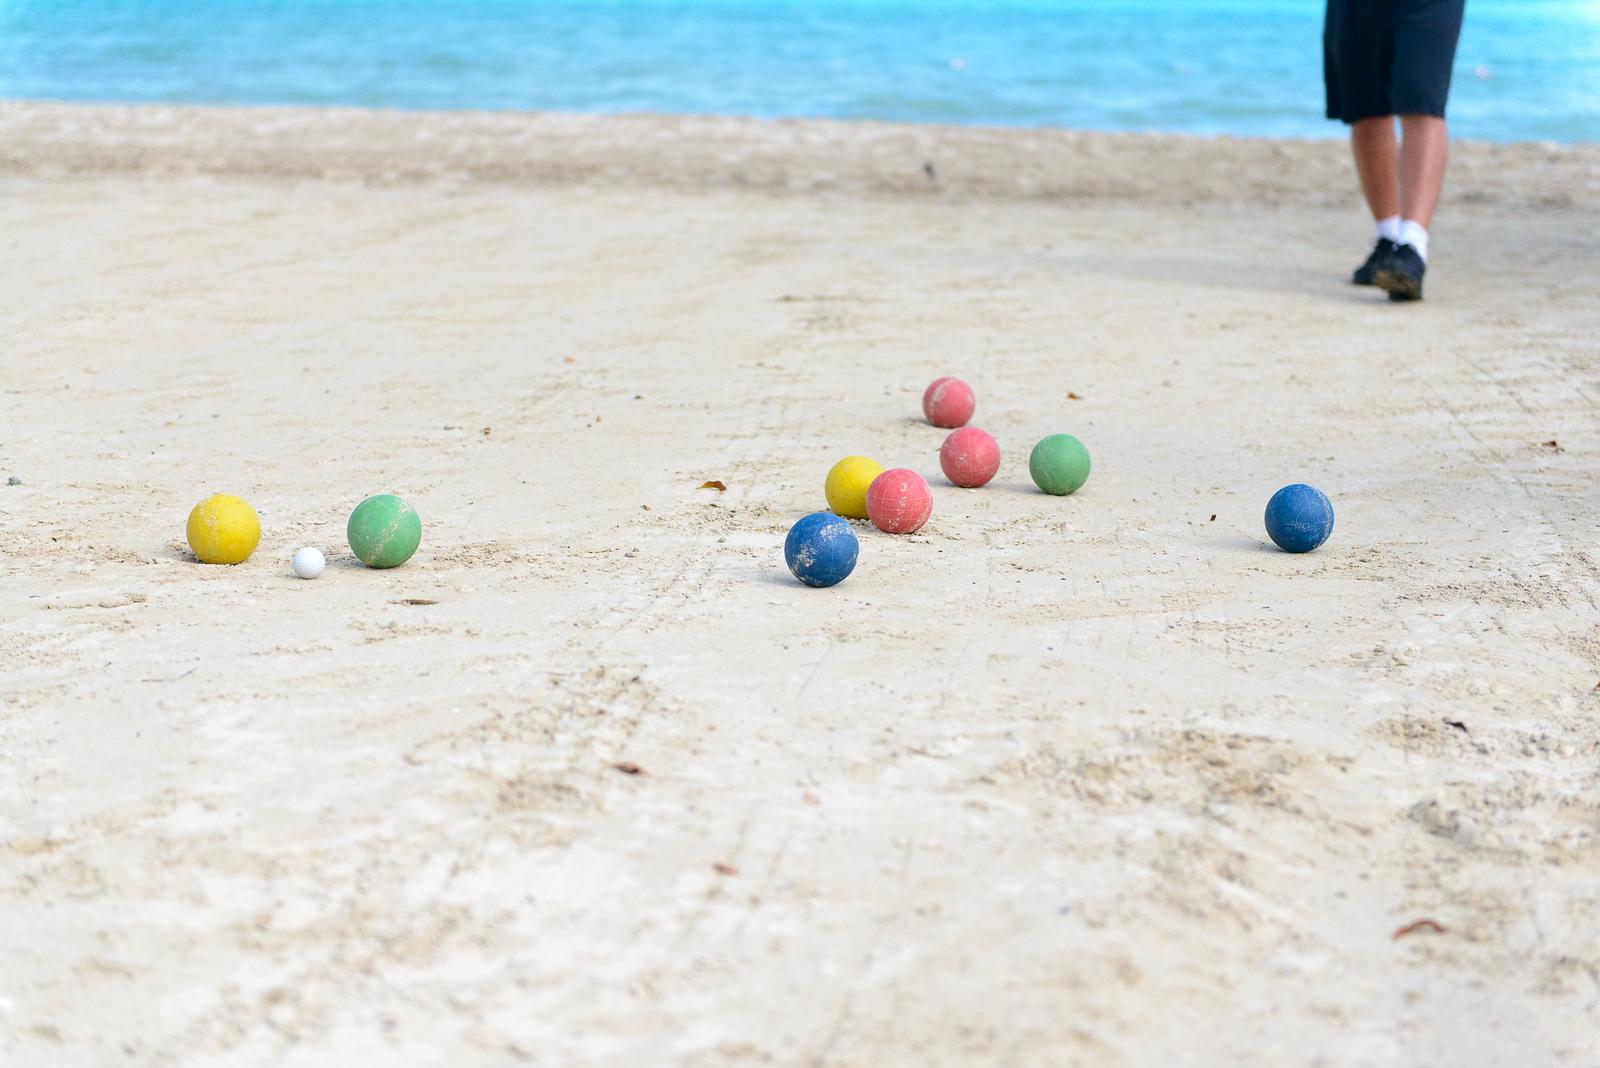 Bocce on the beach!